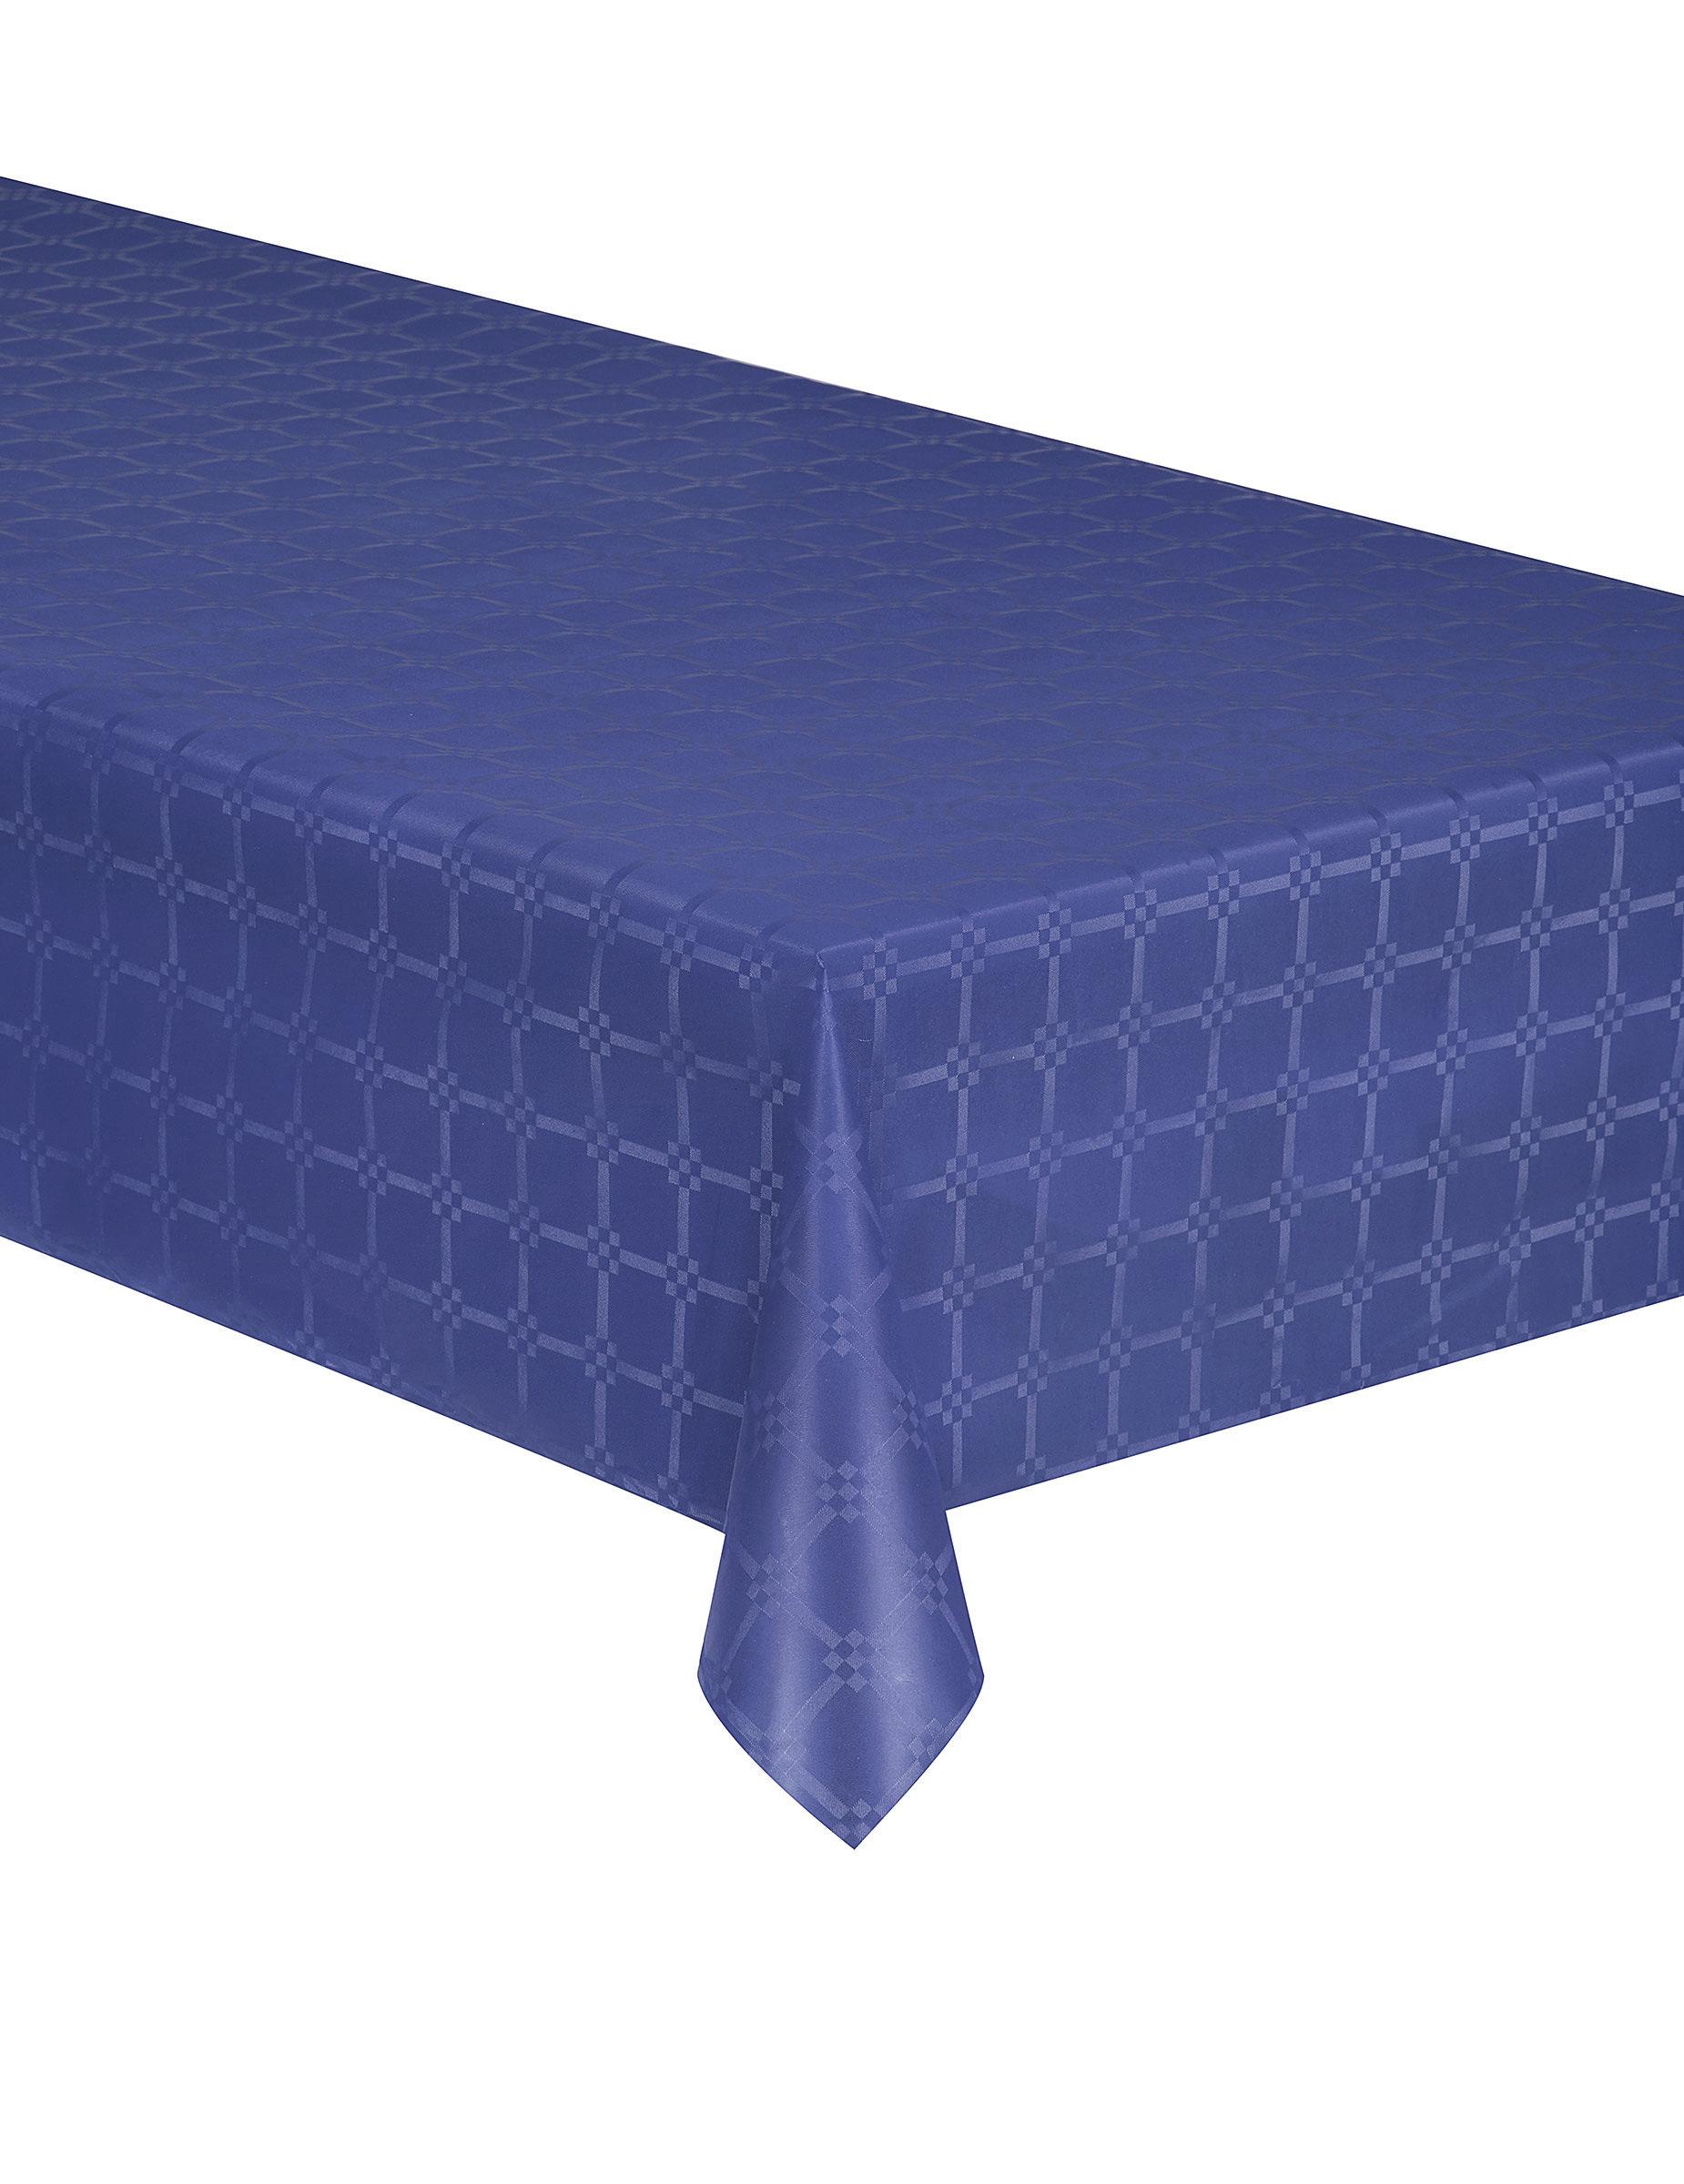 nappe en rouleau papier damass bleu marine 6 m tres d coration anniversaire et f tes th me. Black Bedroom Furniture Sets. Home Design Ideas